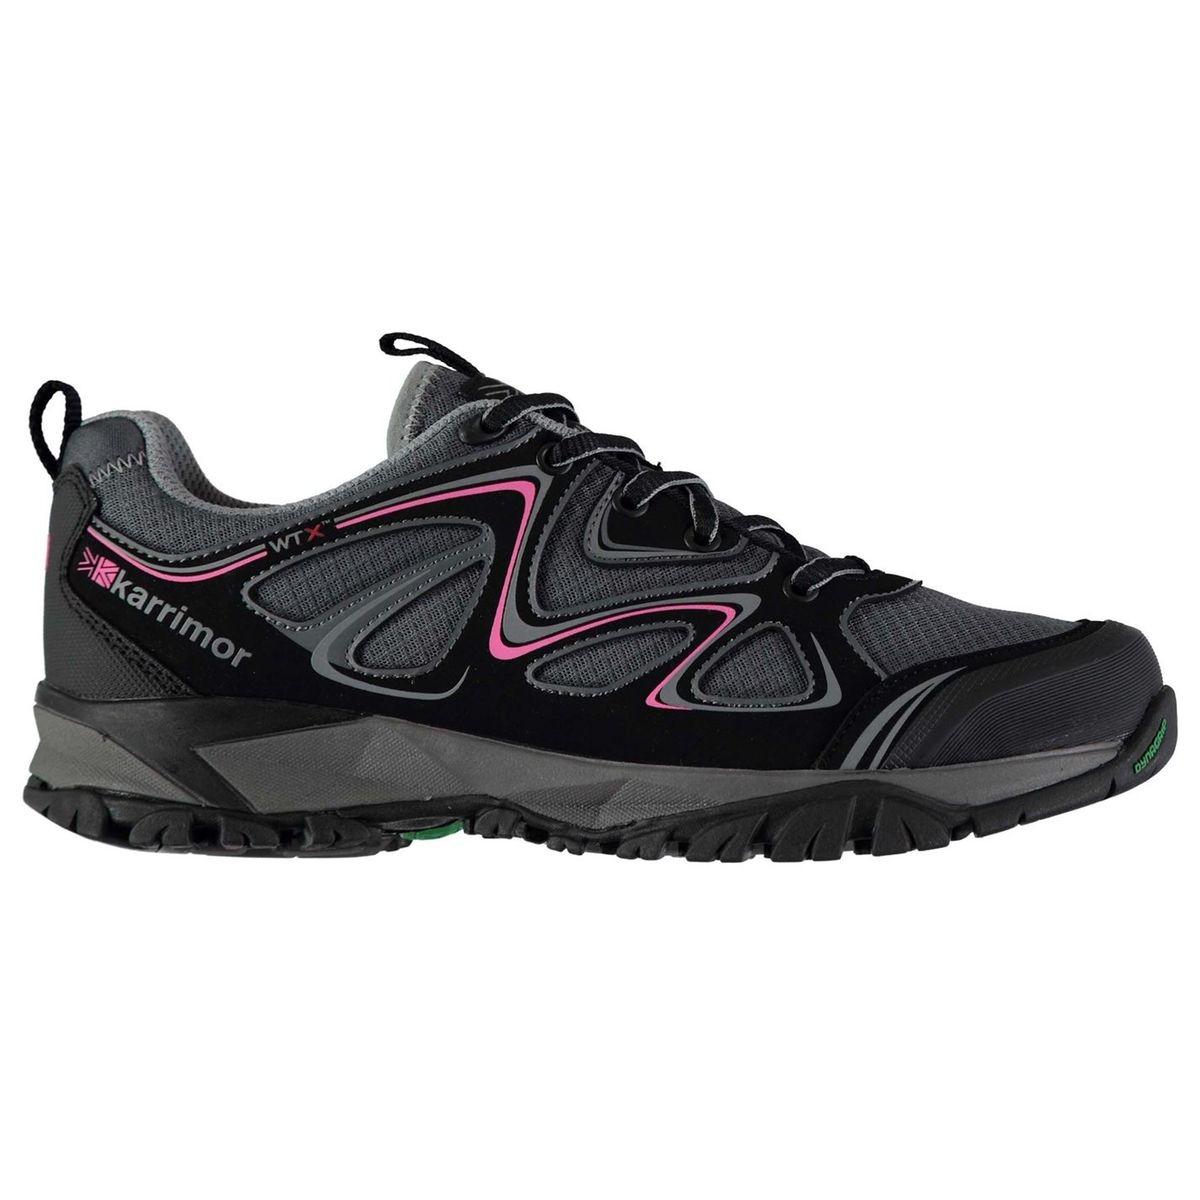 Chaussure de marche imperméables